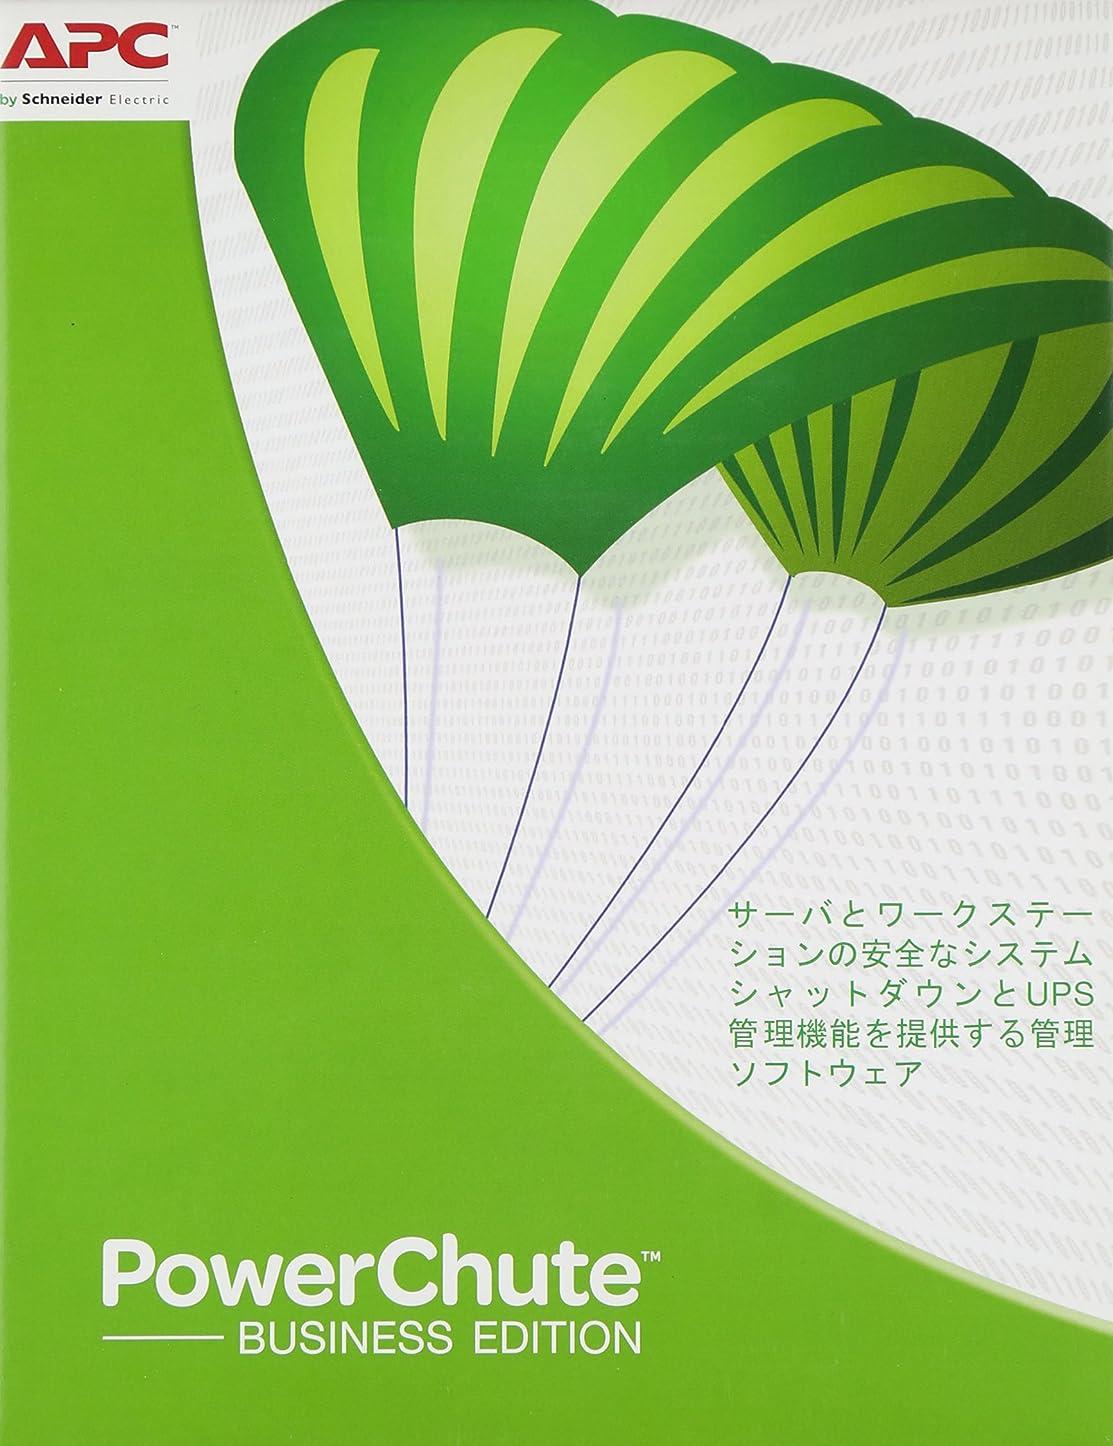 おしゃれじゃない時間厳守コンセンサスシュナイダーエレクトリック(APC) DL版PowerChute Bus.Ed.Del Win Exp UPG付